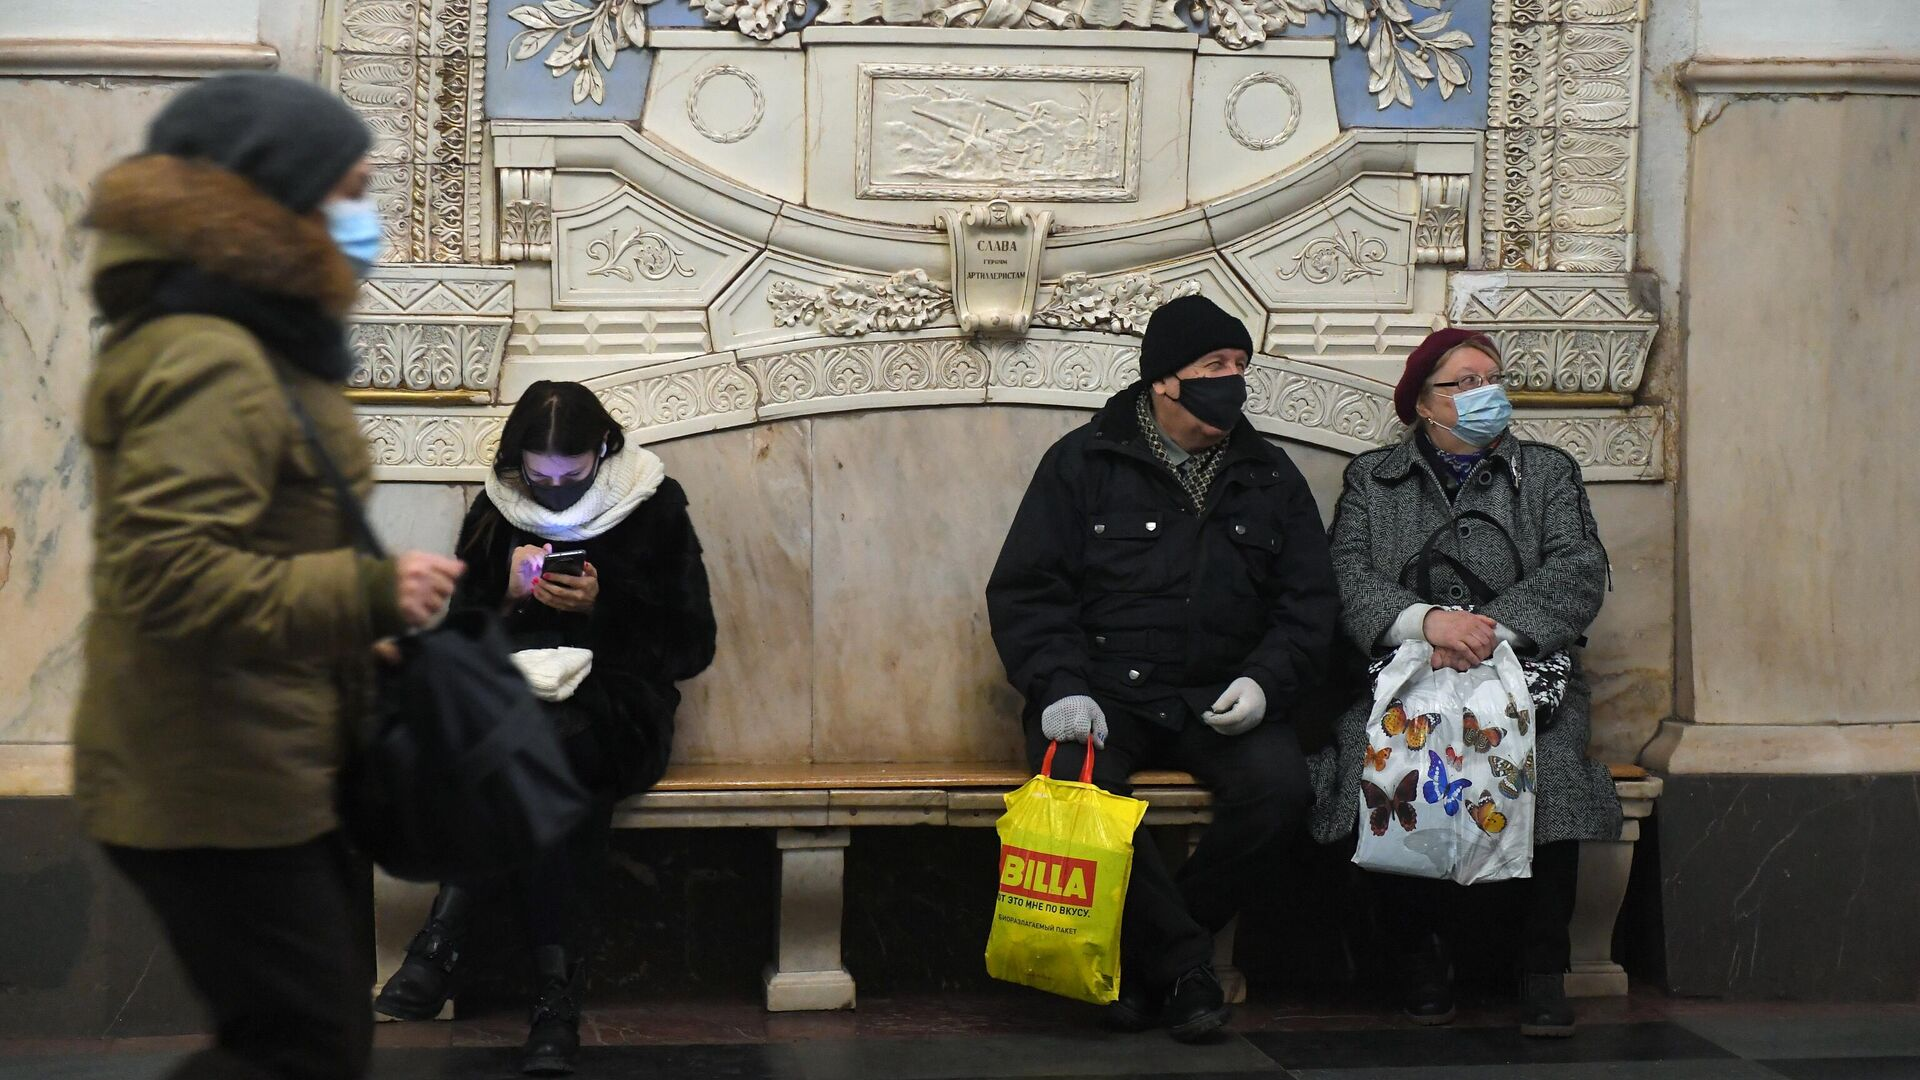 Пассажиры в защитных масках на станции метро Таганская Кольцевой линии в Москве - РИА Новости, 1920, 25.02.2021